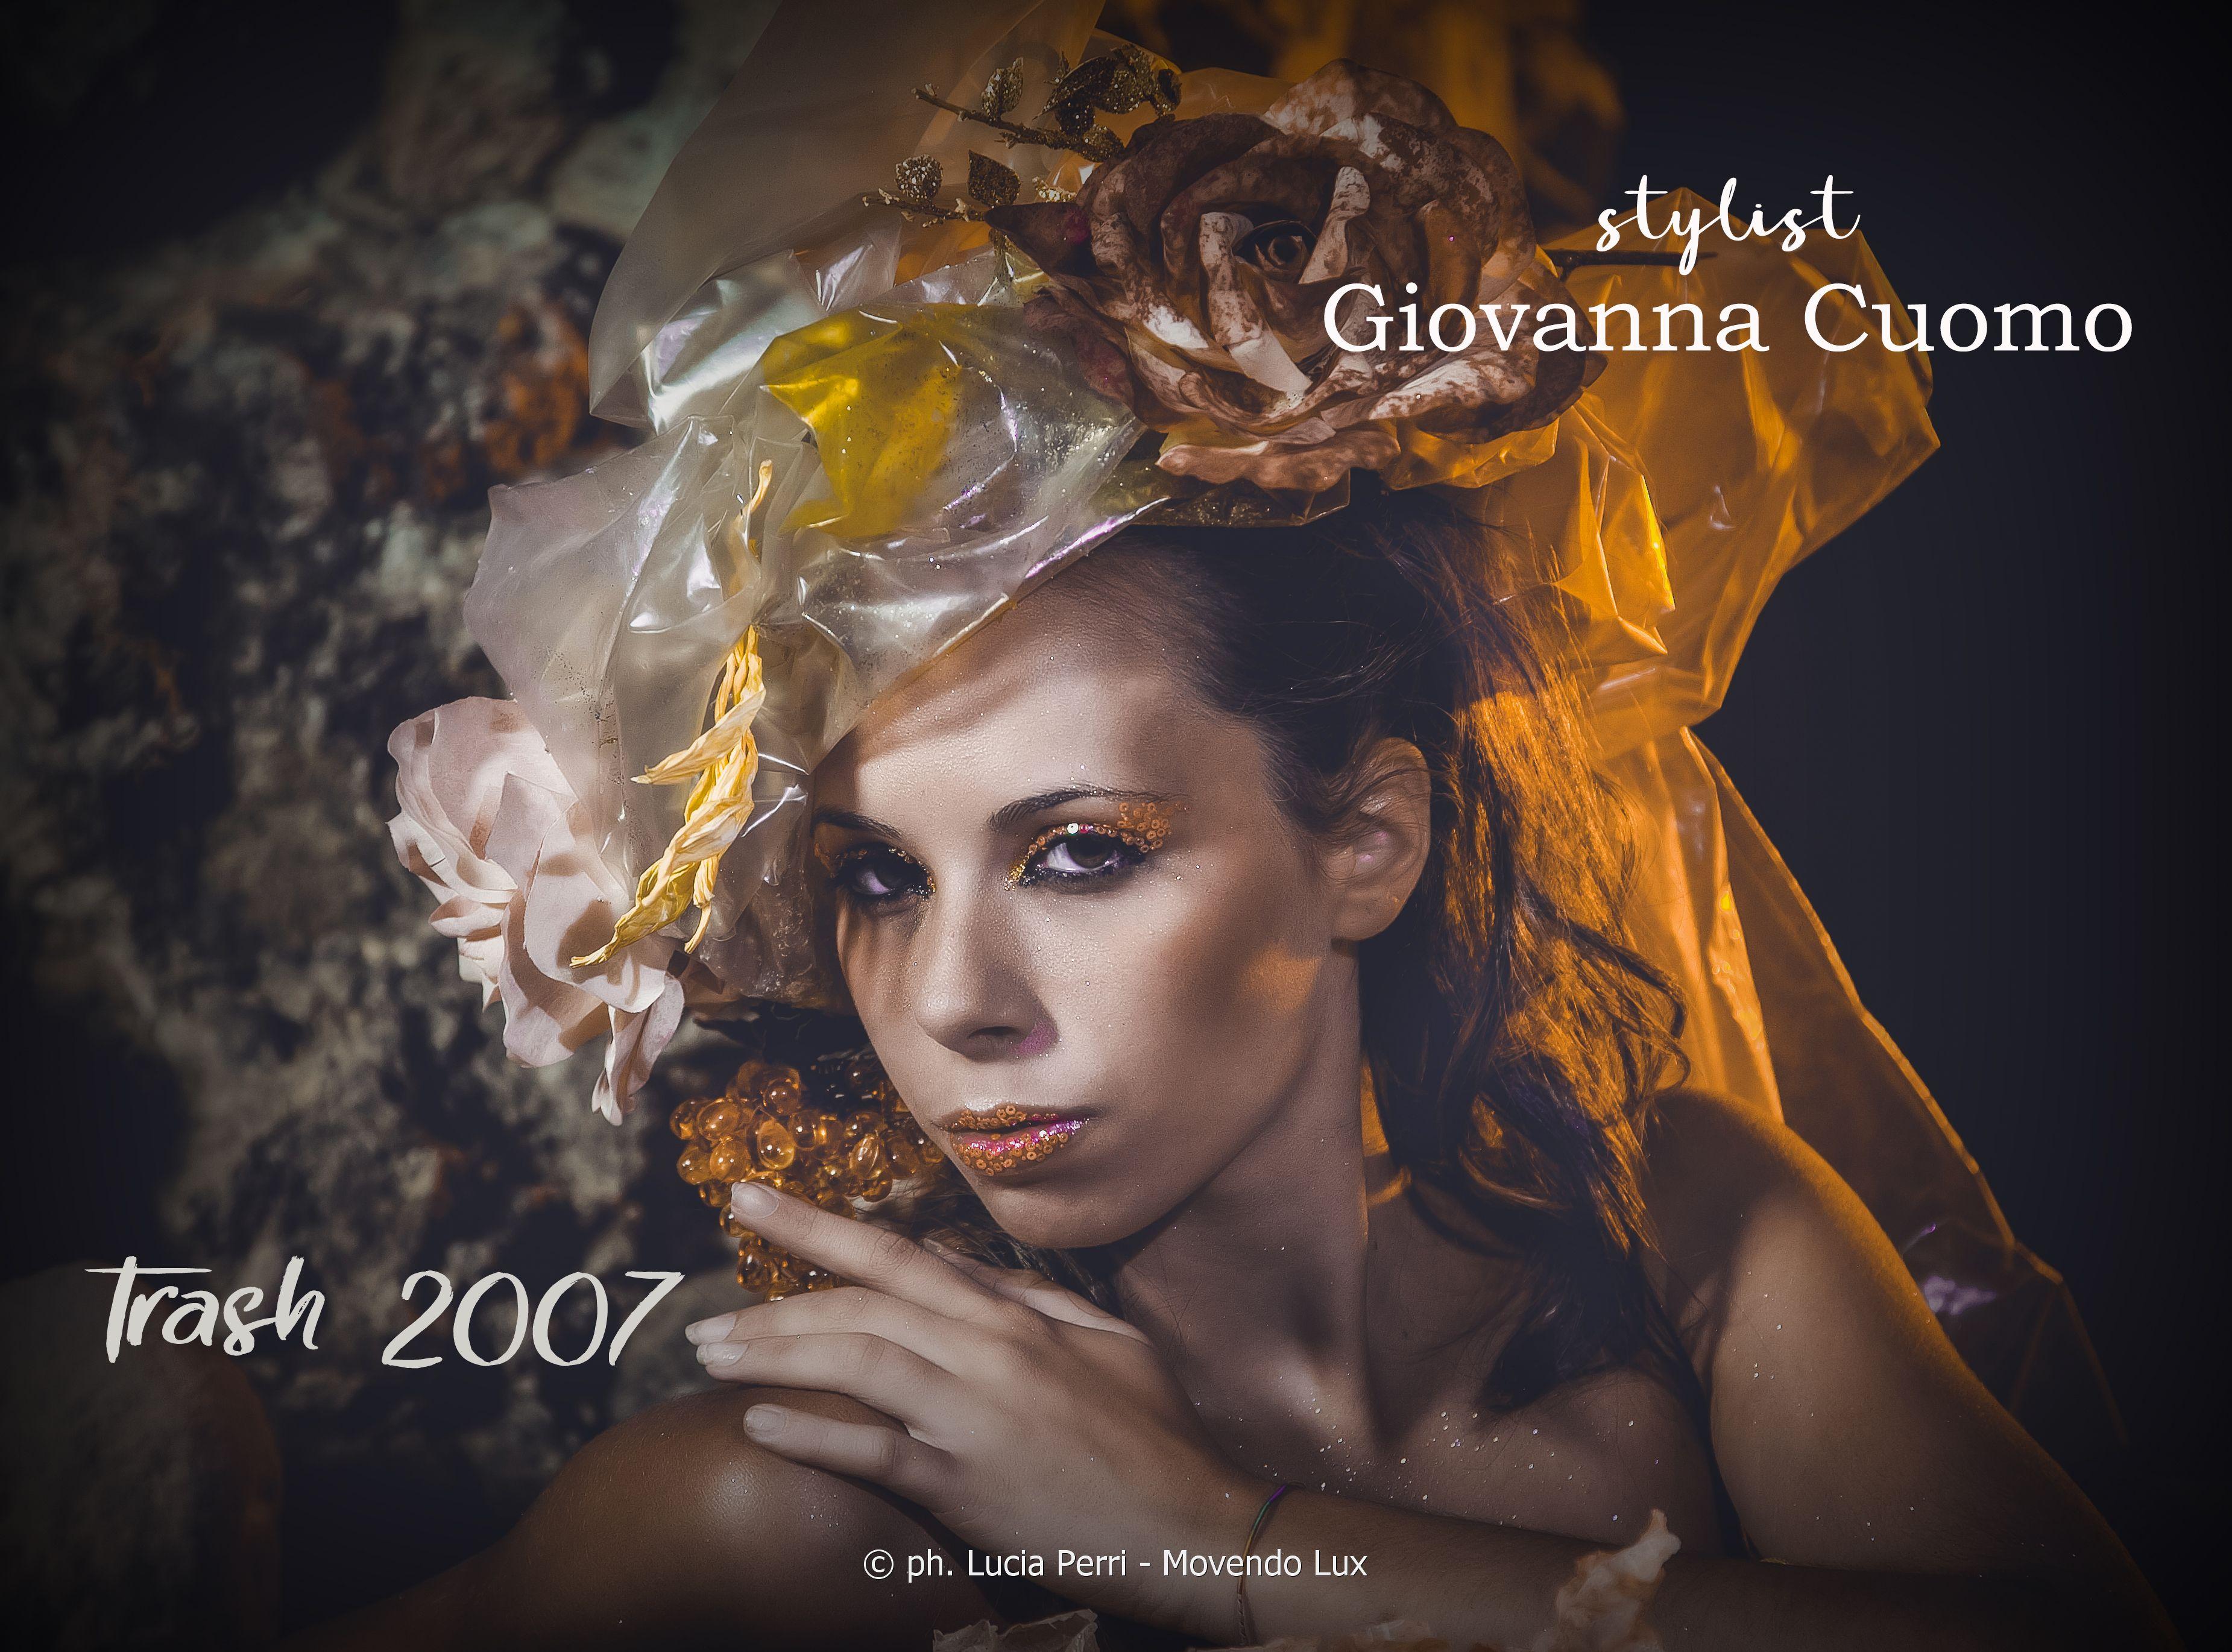 wm_giovanna-cuomo-stylist-2007-1